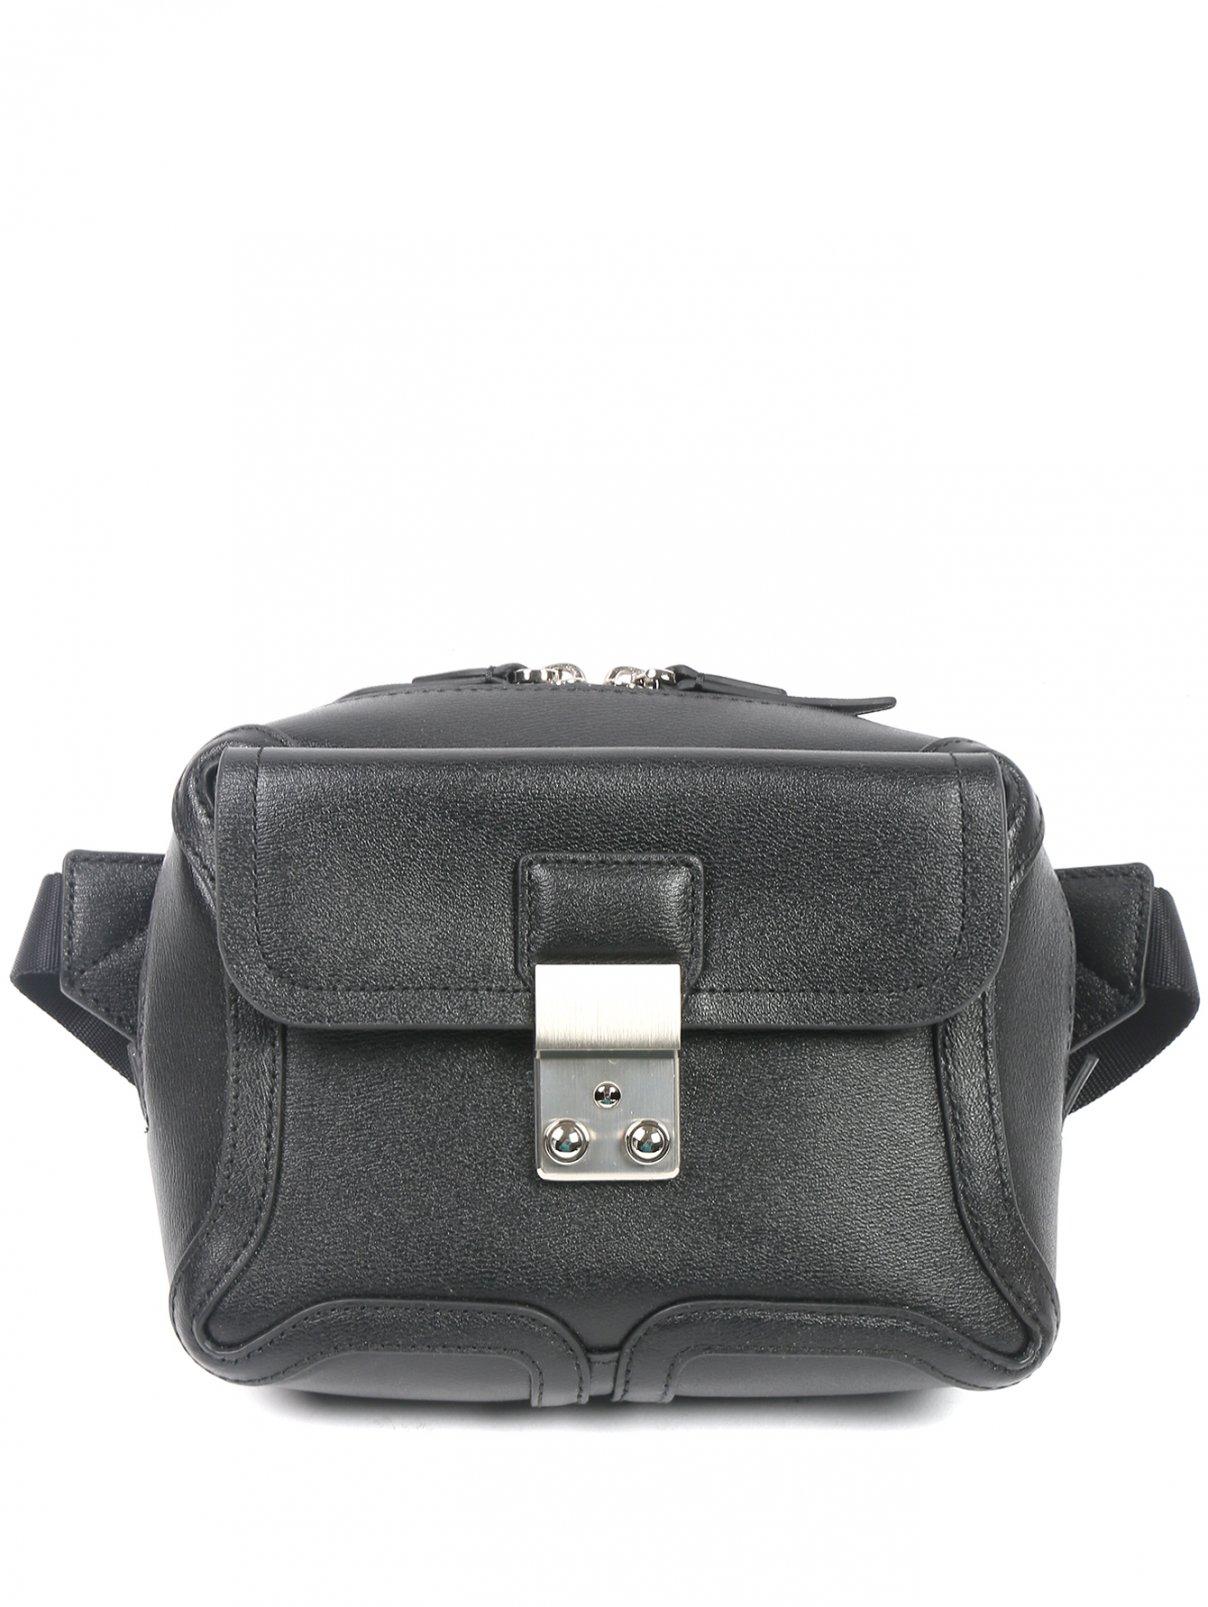 Поясная сумка из кожи с металлической фурнитурой 3.1 Phillip Lim  –  Общий вид